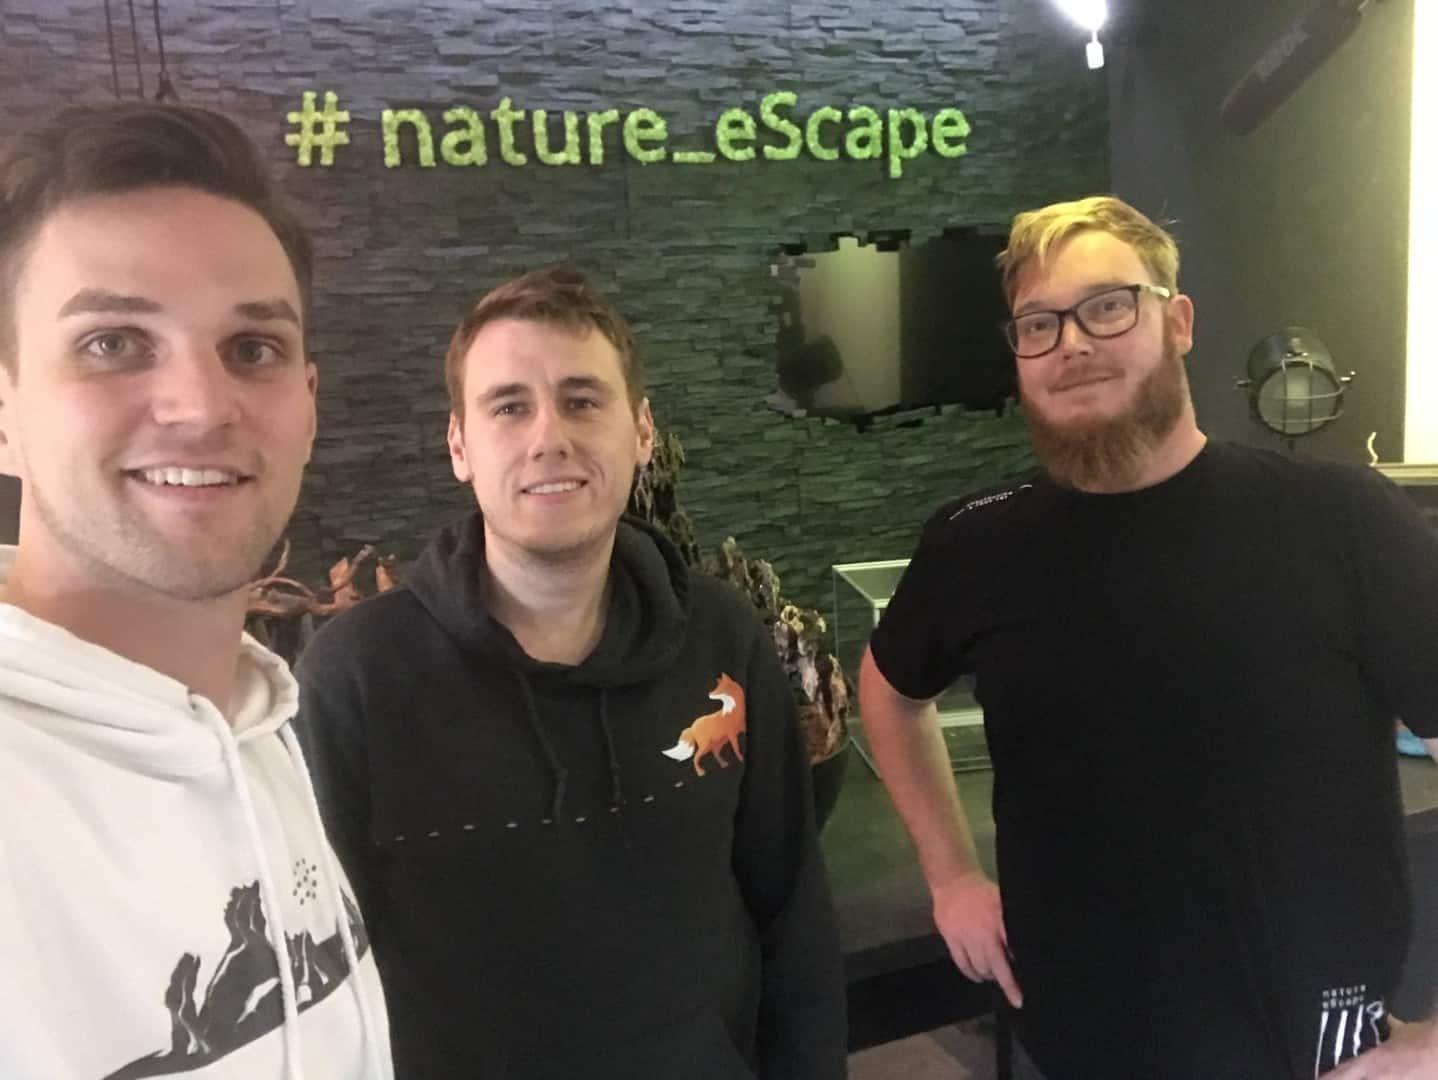 261: Nature Escape - Galerie und Ort der kreativen Entfaltung (Florian Neumann und Adrian Lichnowski) 6